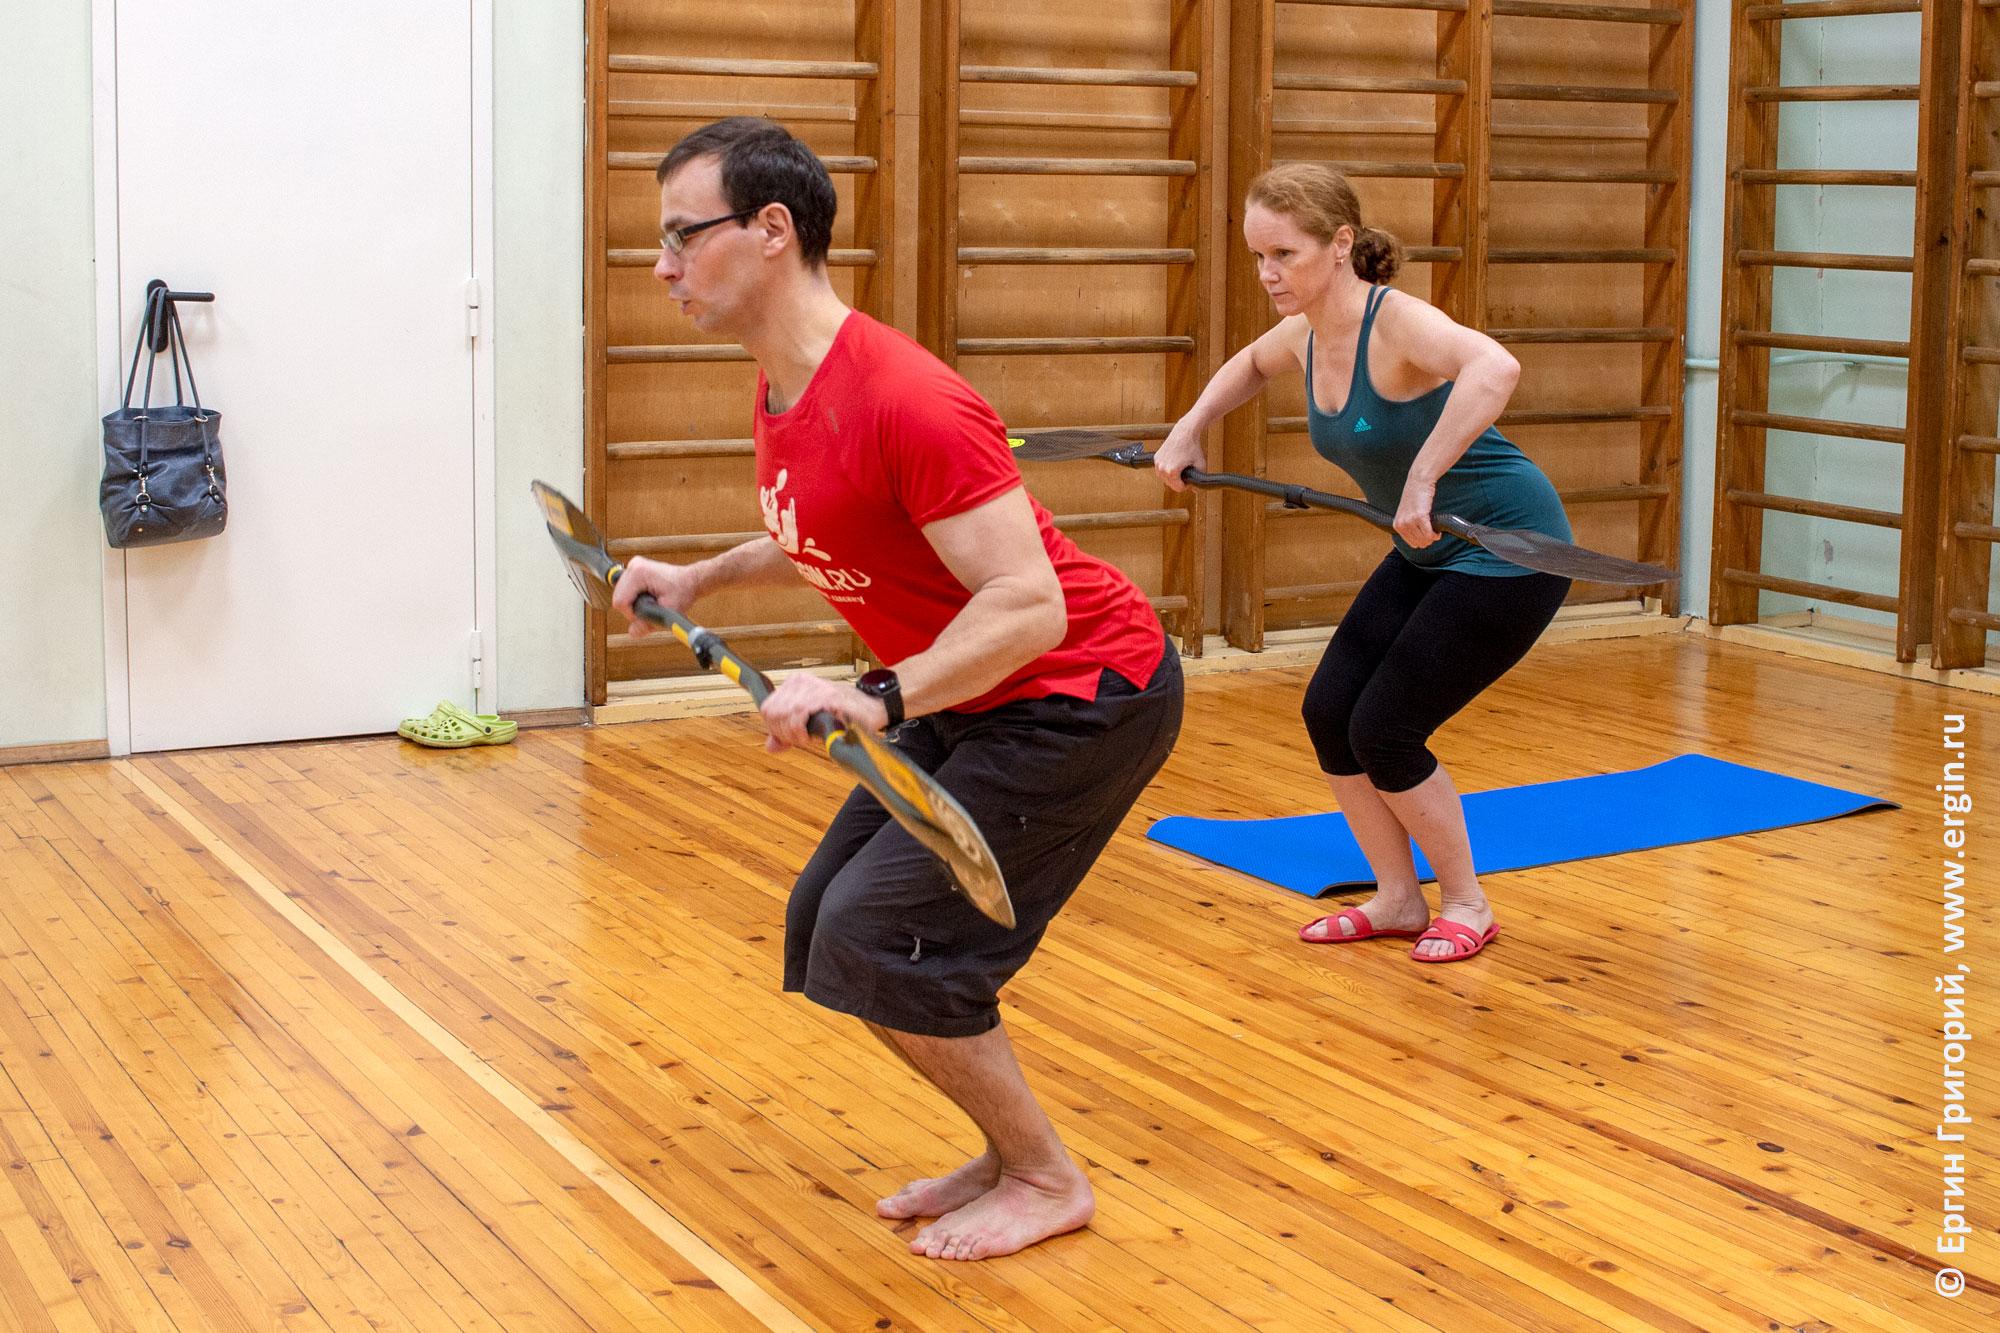 Индивидуальная тренировка по фристайл-каякингу: упражнения с веслами на суше